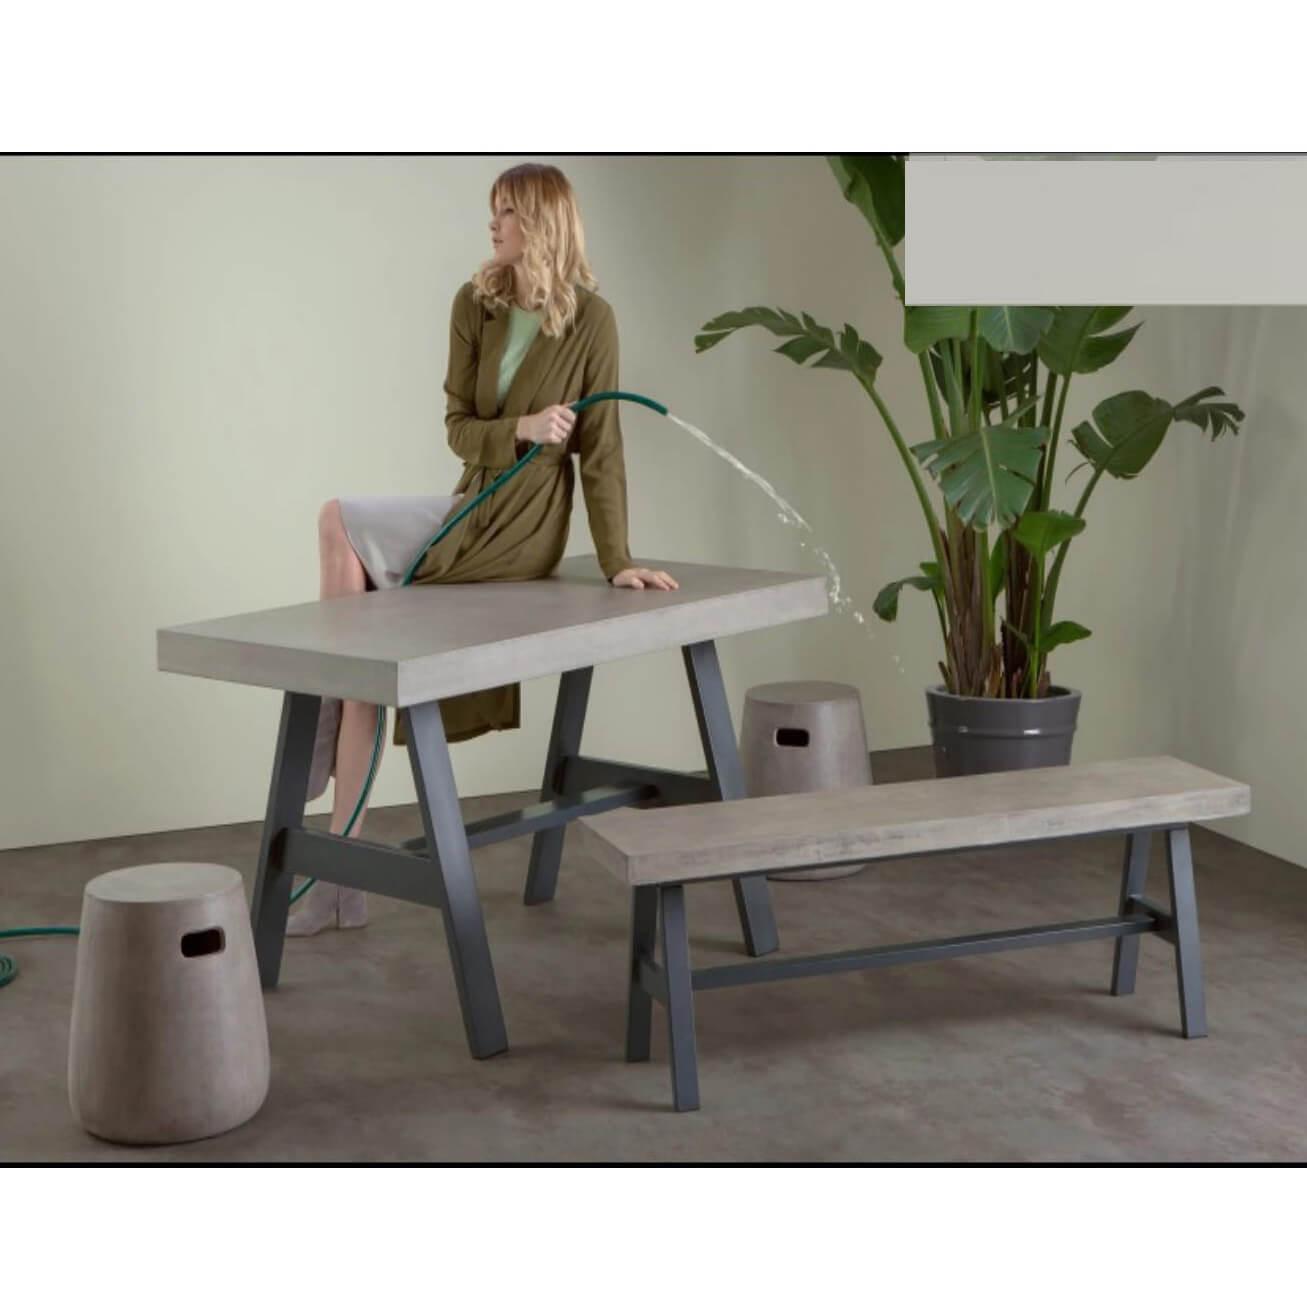 Bộ bàn ghế xi măng nhẹ B11BG